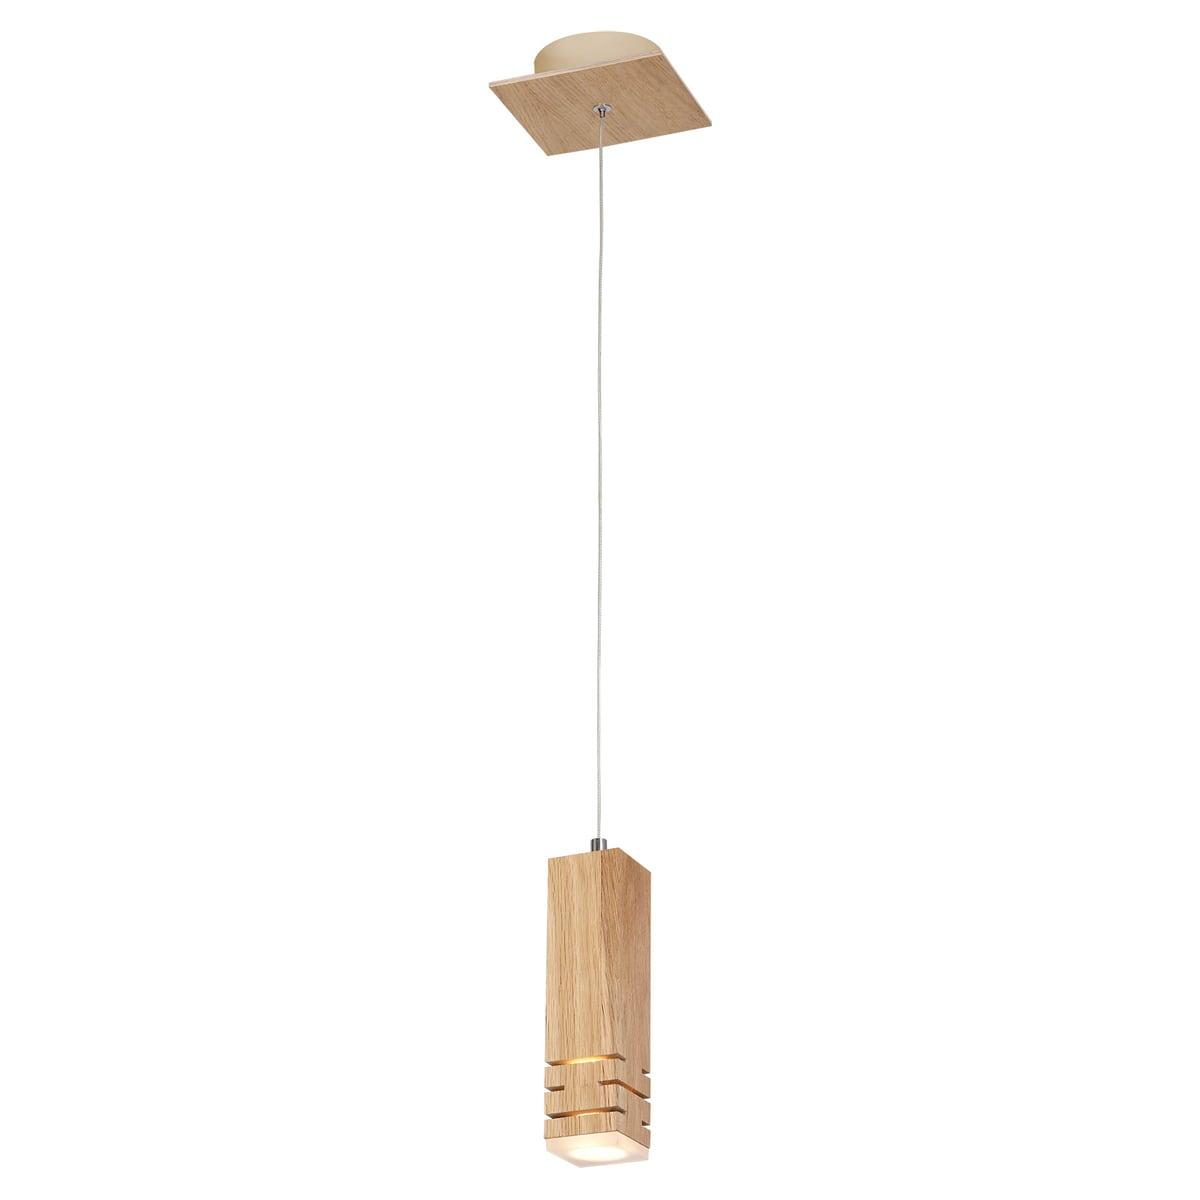 Lampa wisząca Milagro BERGEN 574 Naturalne drewno 5W